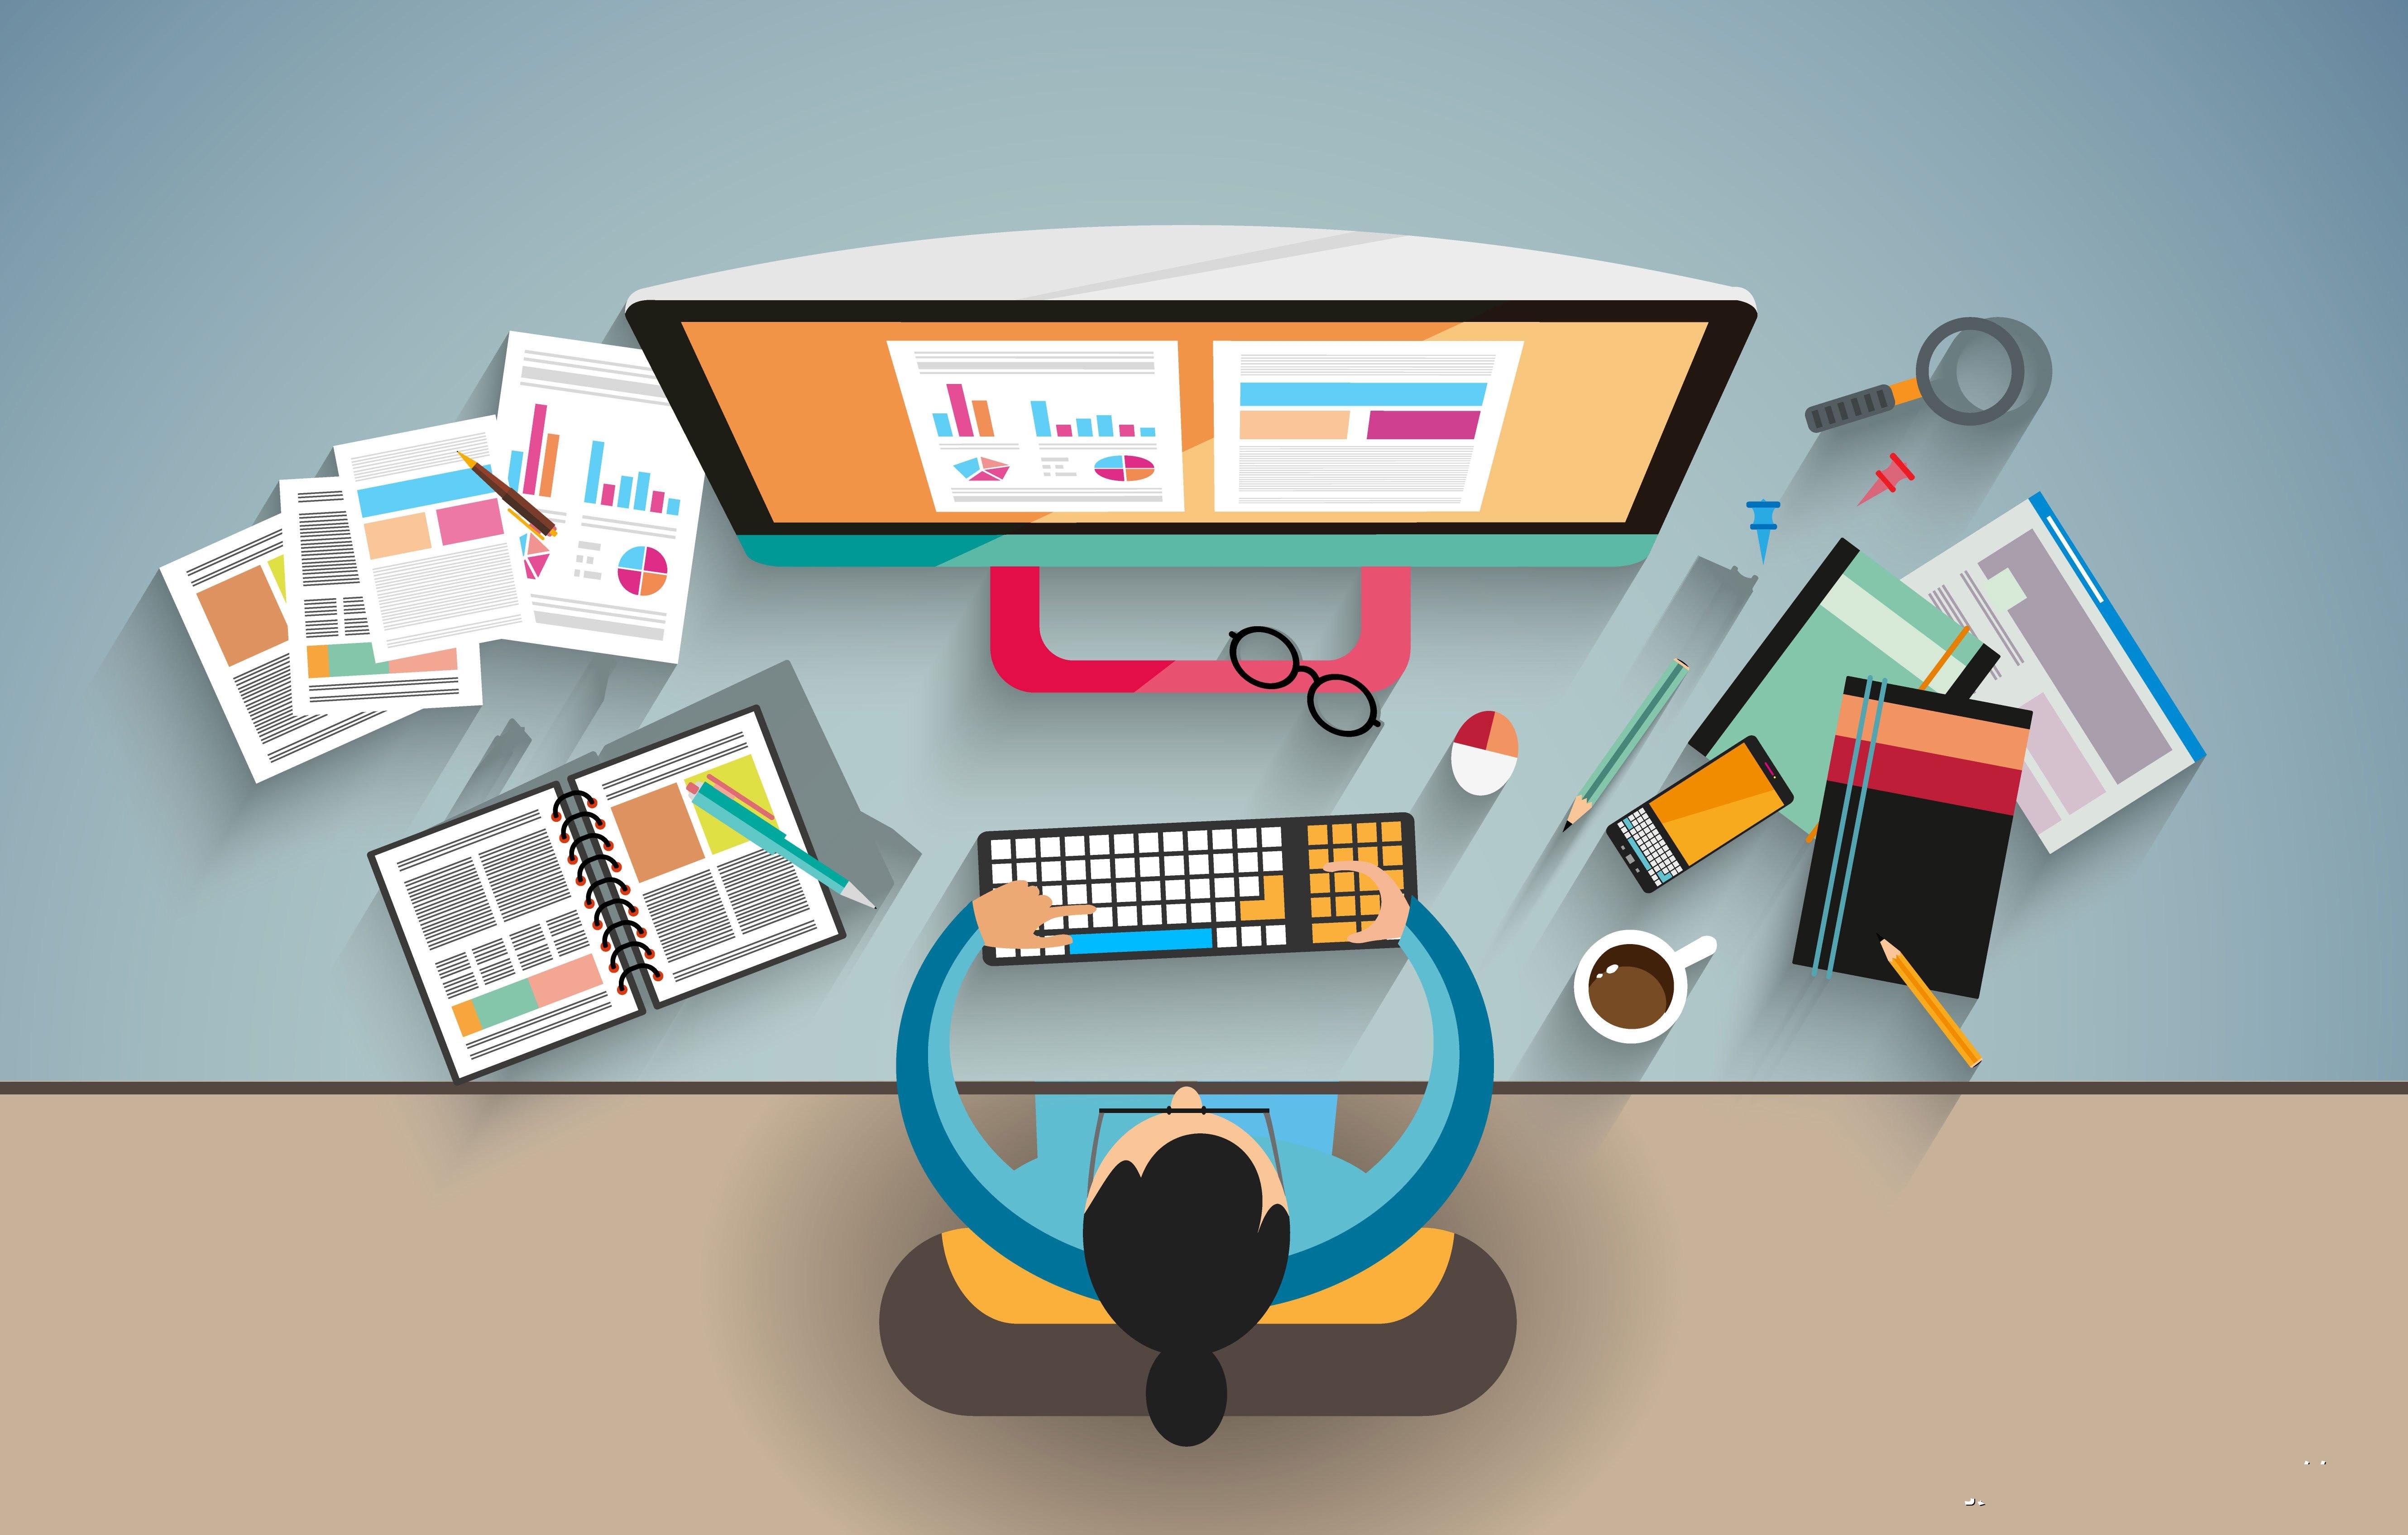 深圳做网站的公司带您了解电商网站开发前期需要的准备工作?